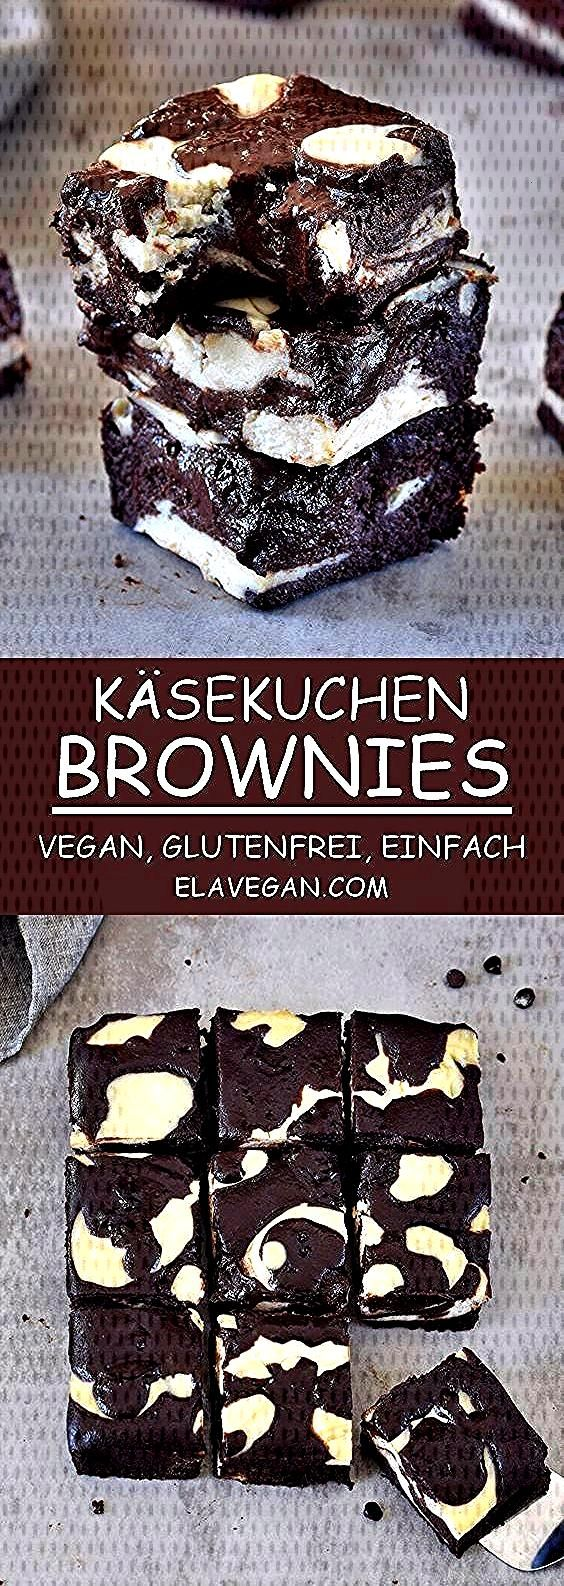 Diese veganen Käsekuchen Brownies sind saftig, schokoladig und fudgy. Das Rezept ist pflanzlich (e